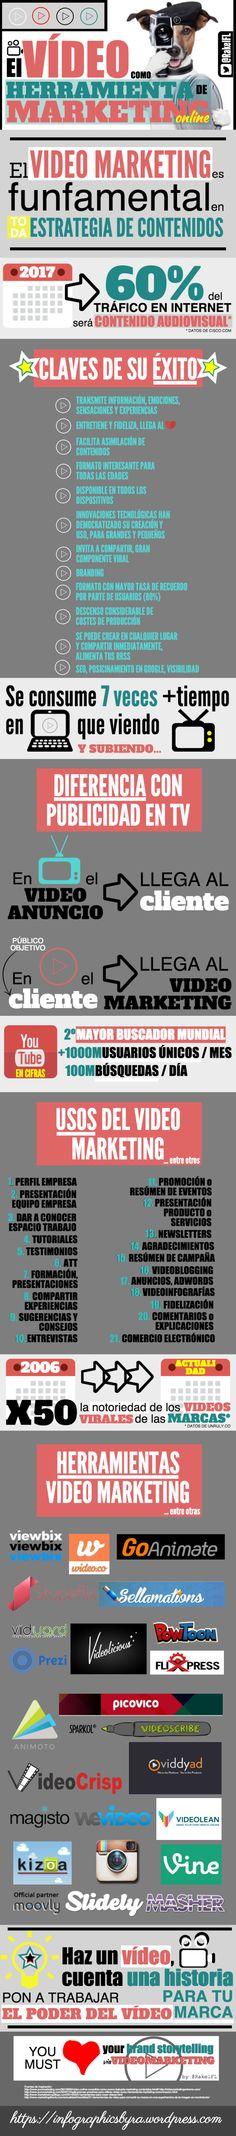 Vídeo cómo herramienta de marketing de contenidos. Vía #infografia